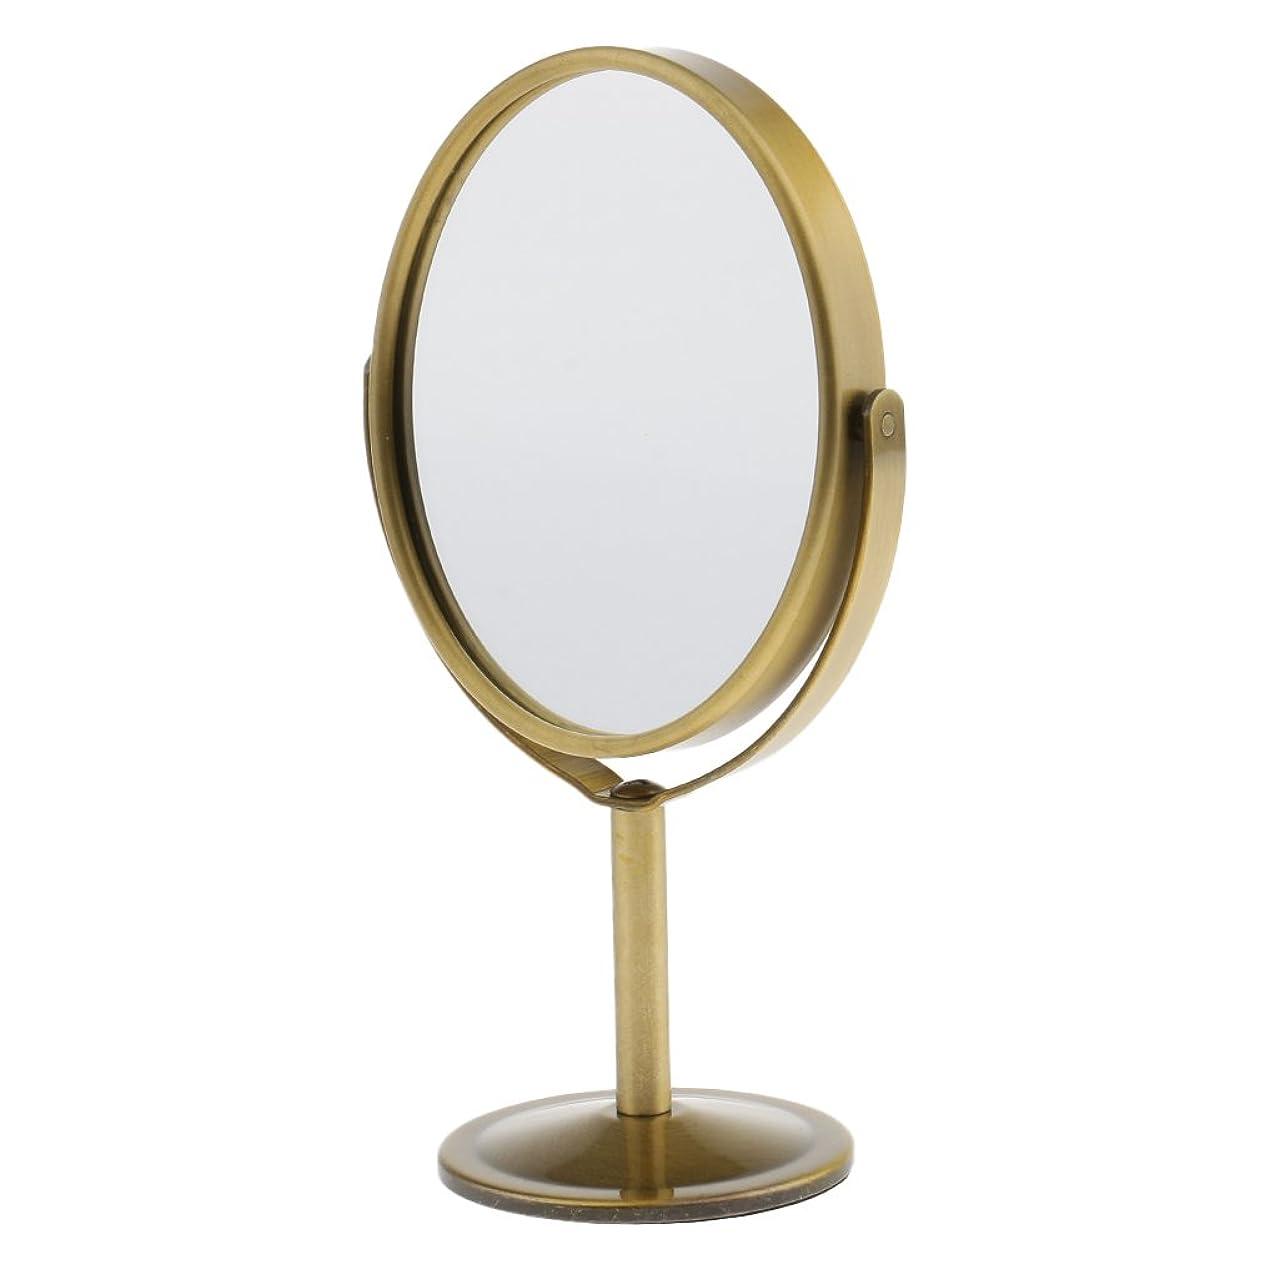 土砲兵青Homyl メイクアップミラー テーブルミラー 化粧鏡 両面 拡大鏡 ミラー 楕円 スタンド 360度回転 便利 プレゼント メイクアップ 2色選べる - ブロンズ